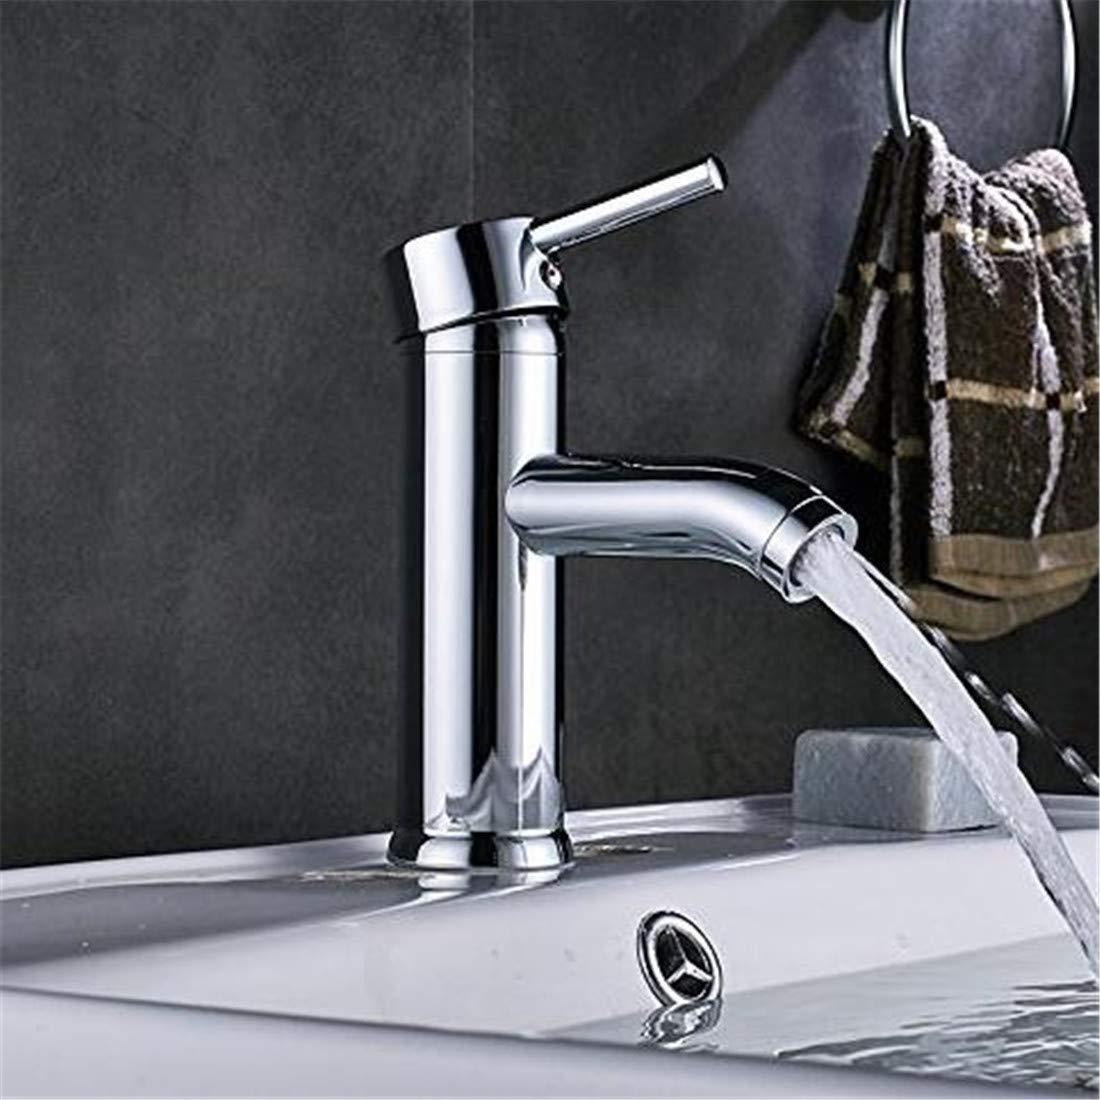 Mischbatterie Brause Drehbar Bad Spültisch Waschbecken Wasserhahn Einhand-Deck Montiert Wasserhahn Heißen Und Kalten Wasser Mischbatterien